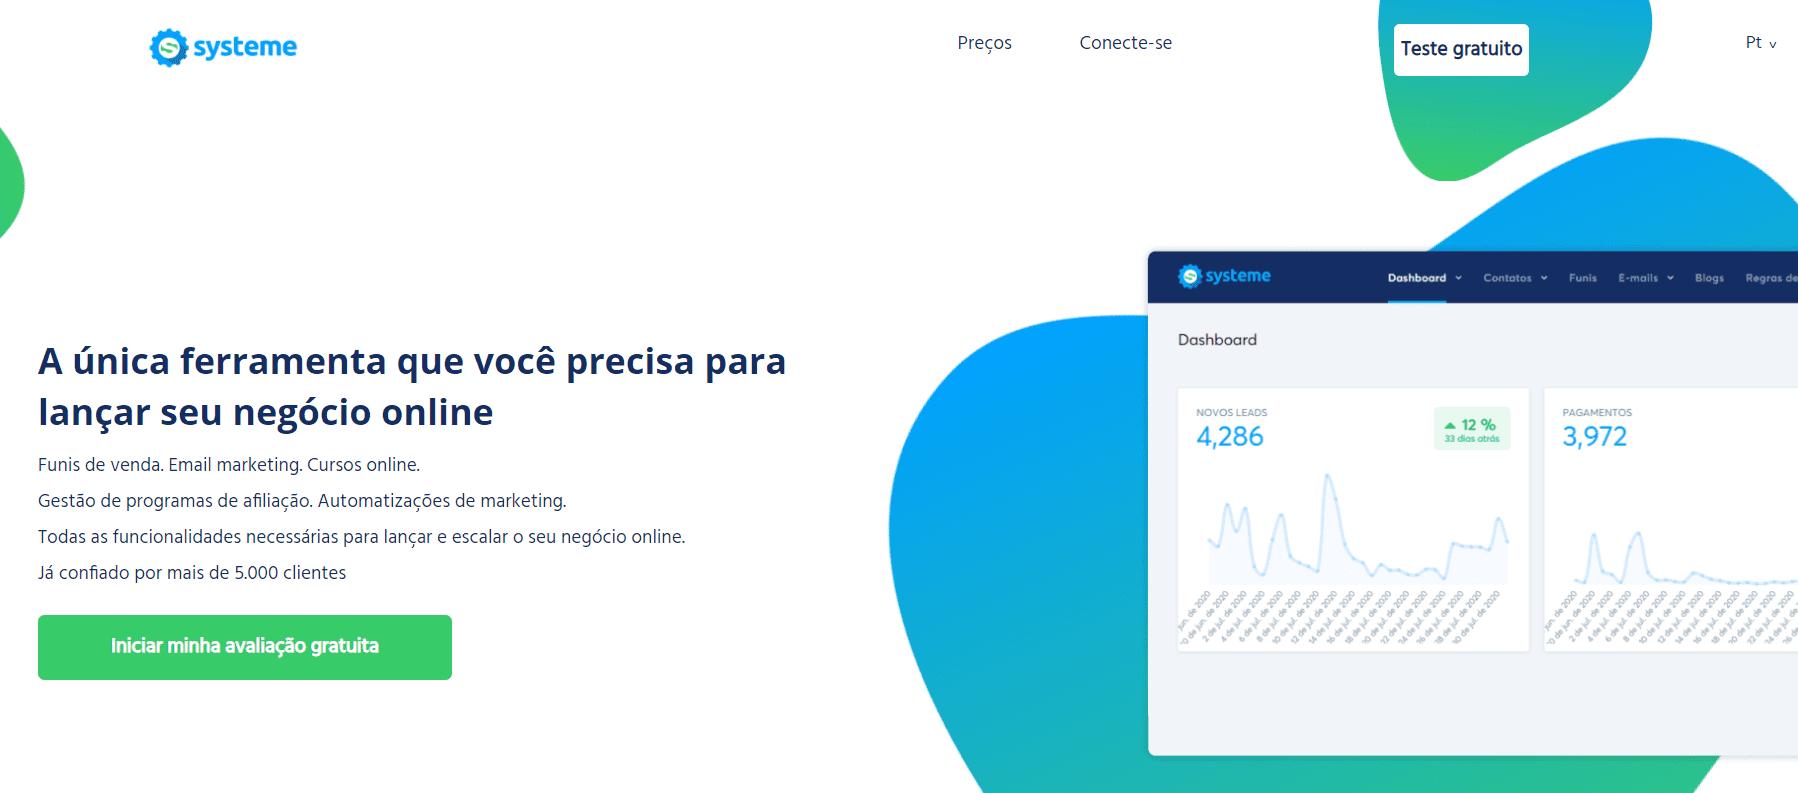 Systeme.io's website